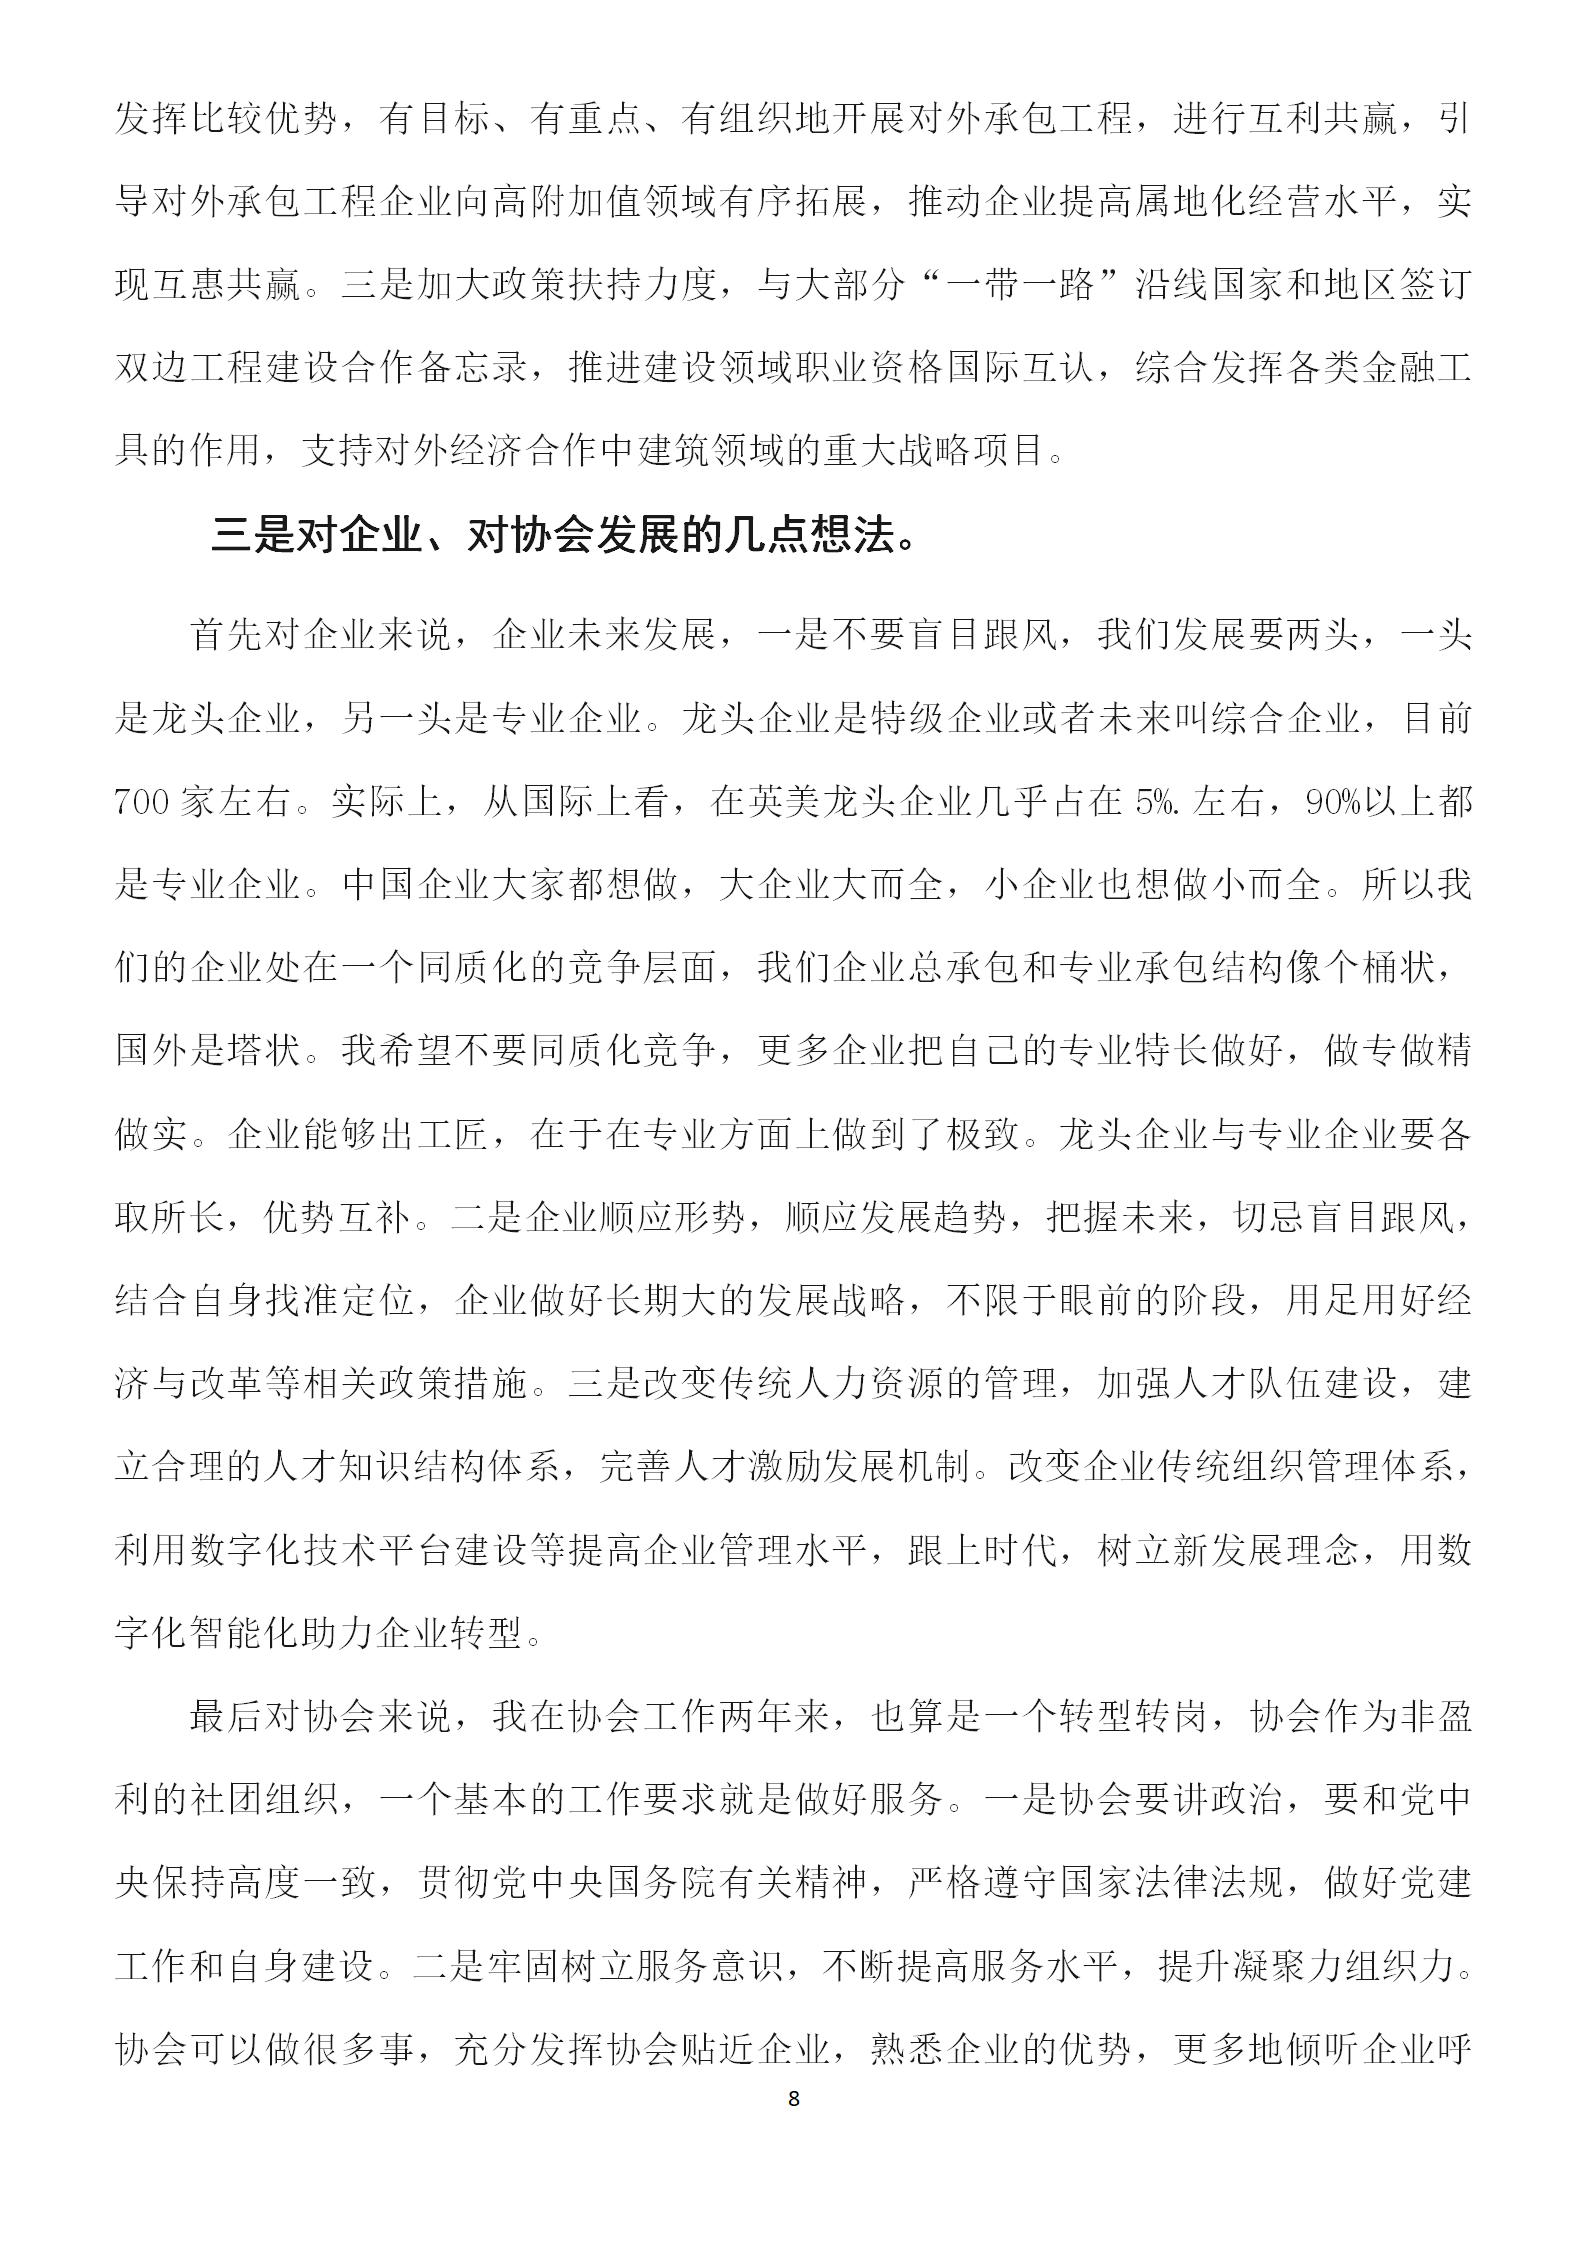 中建协副会长吴慧娟在河北省建筑业协会八届五次理事会上的讲话(1)_08.png